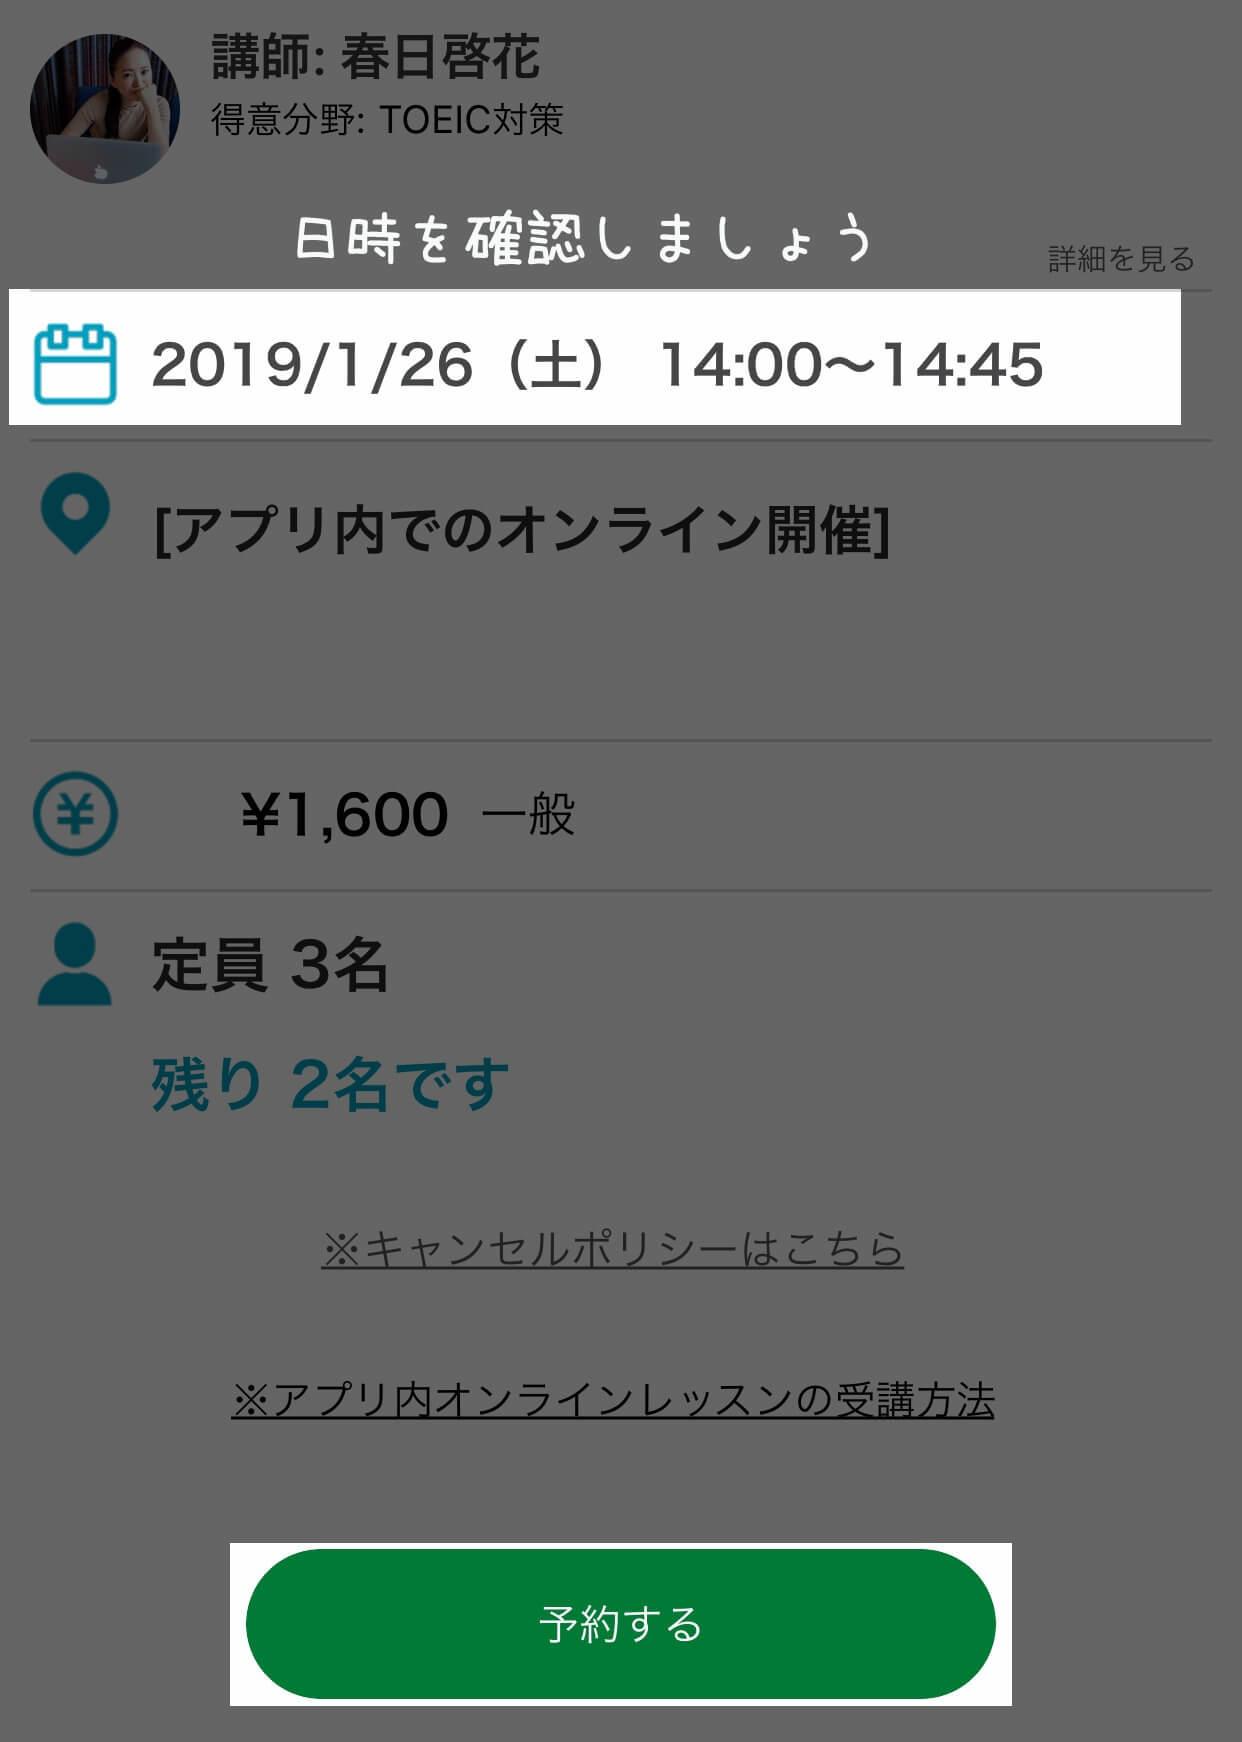 yoyaku-4.jpg